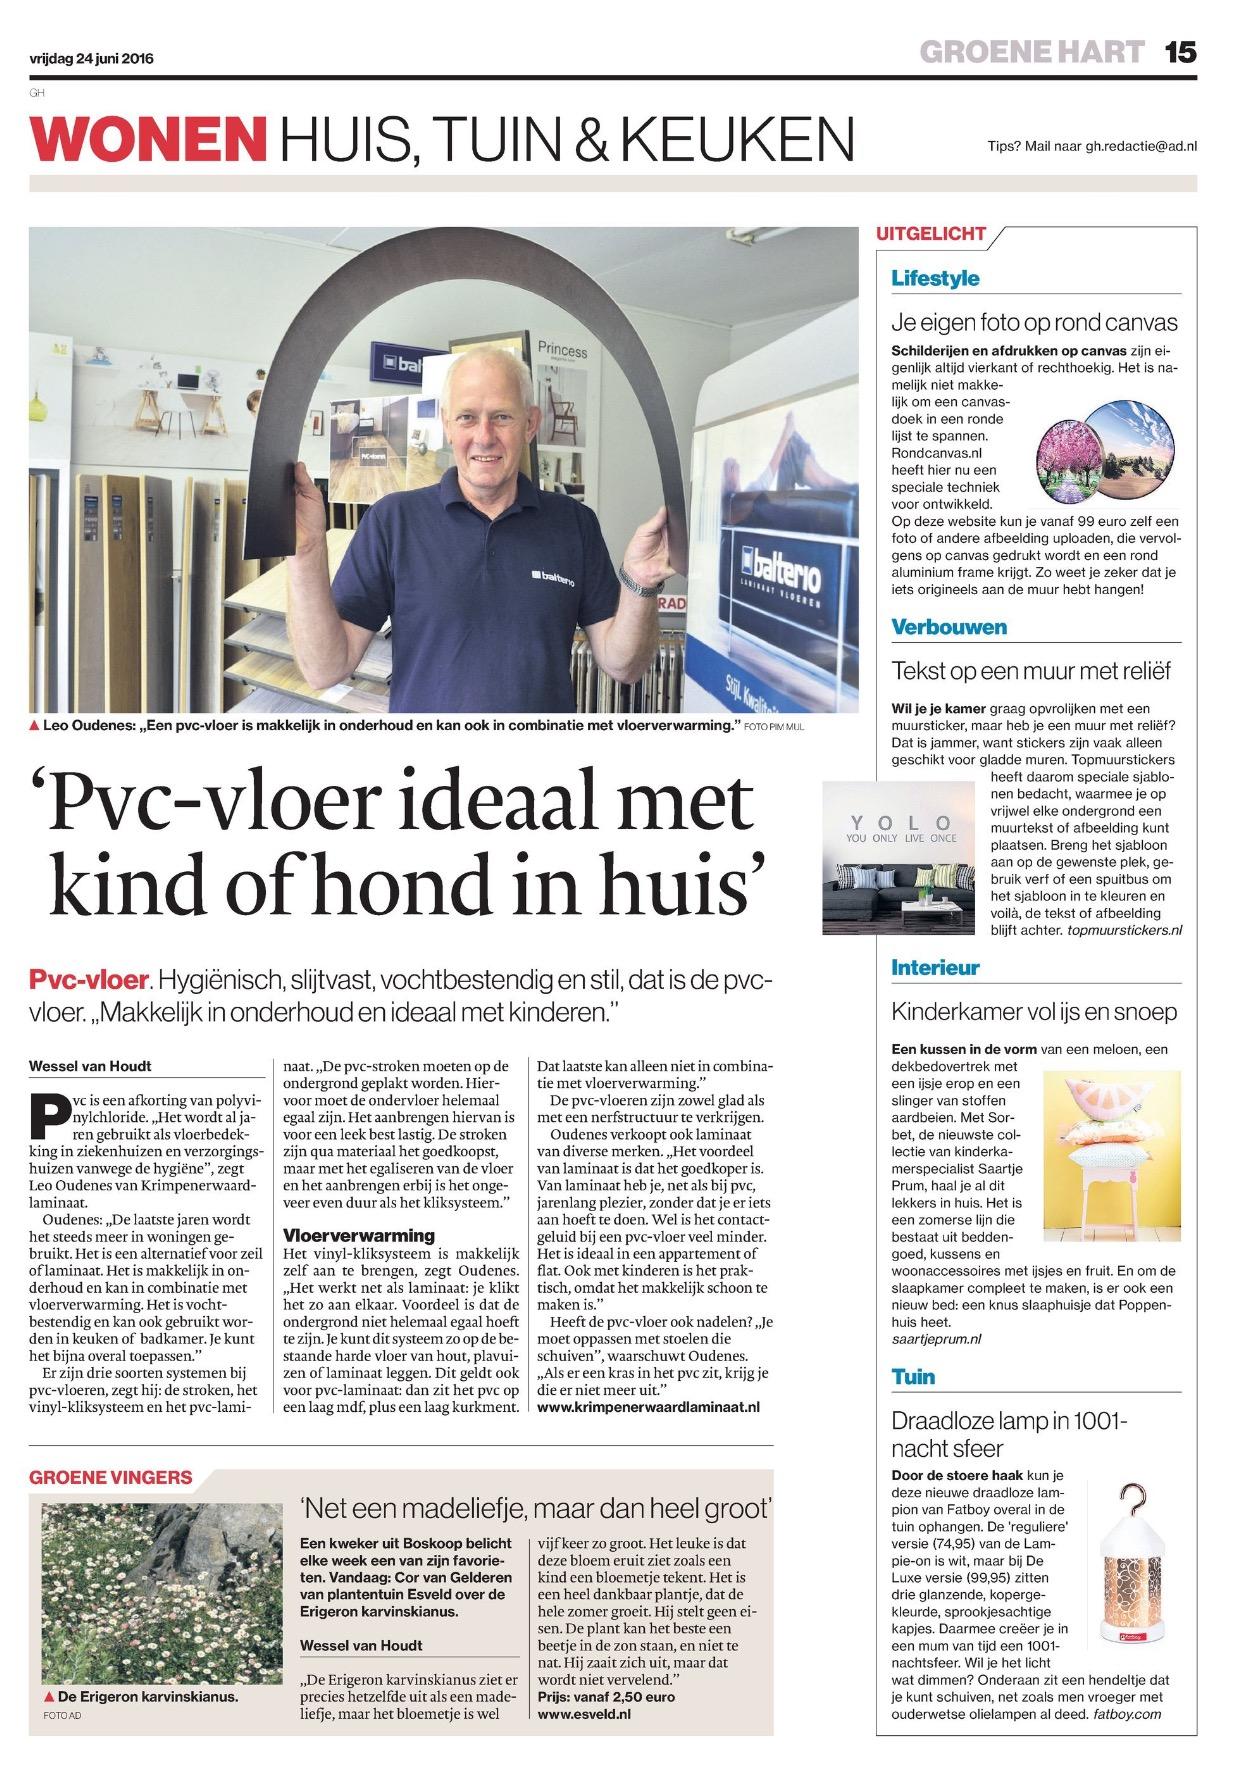 Artikel AD Groene Hart 24-06-2016